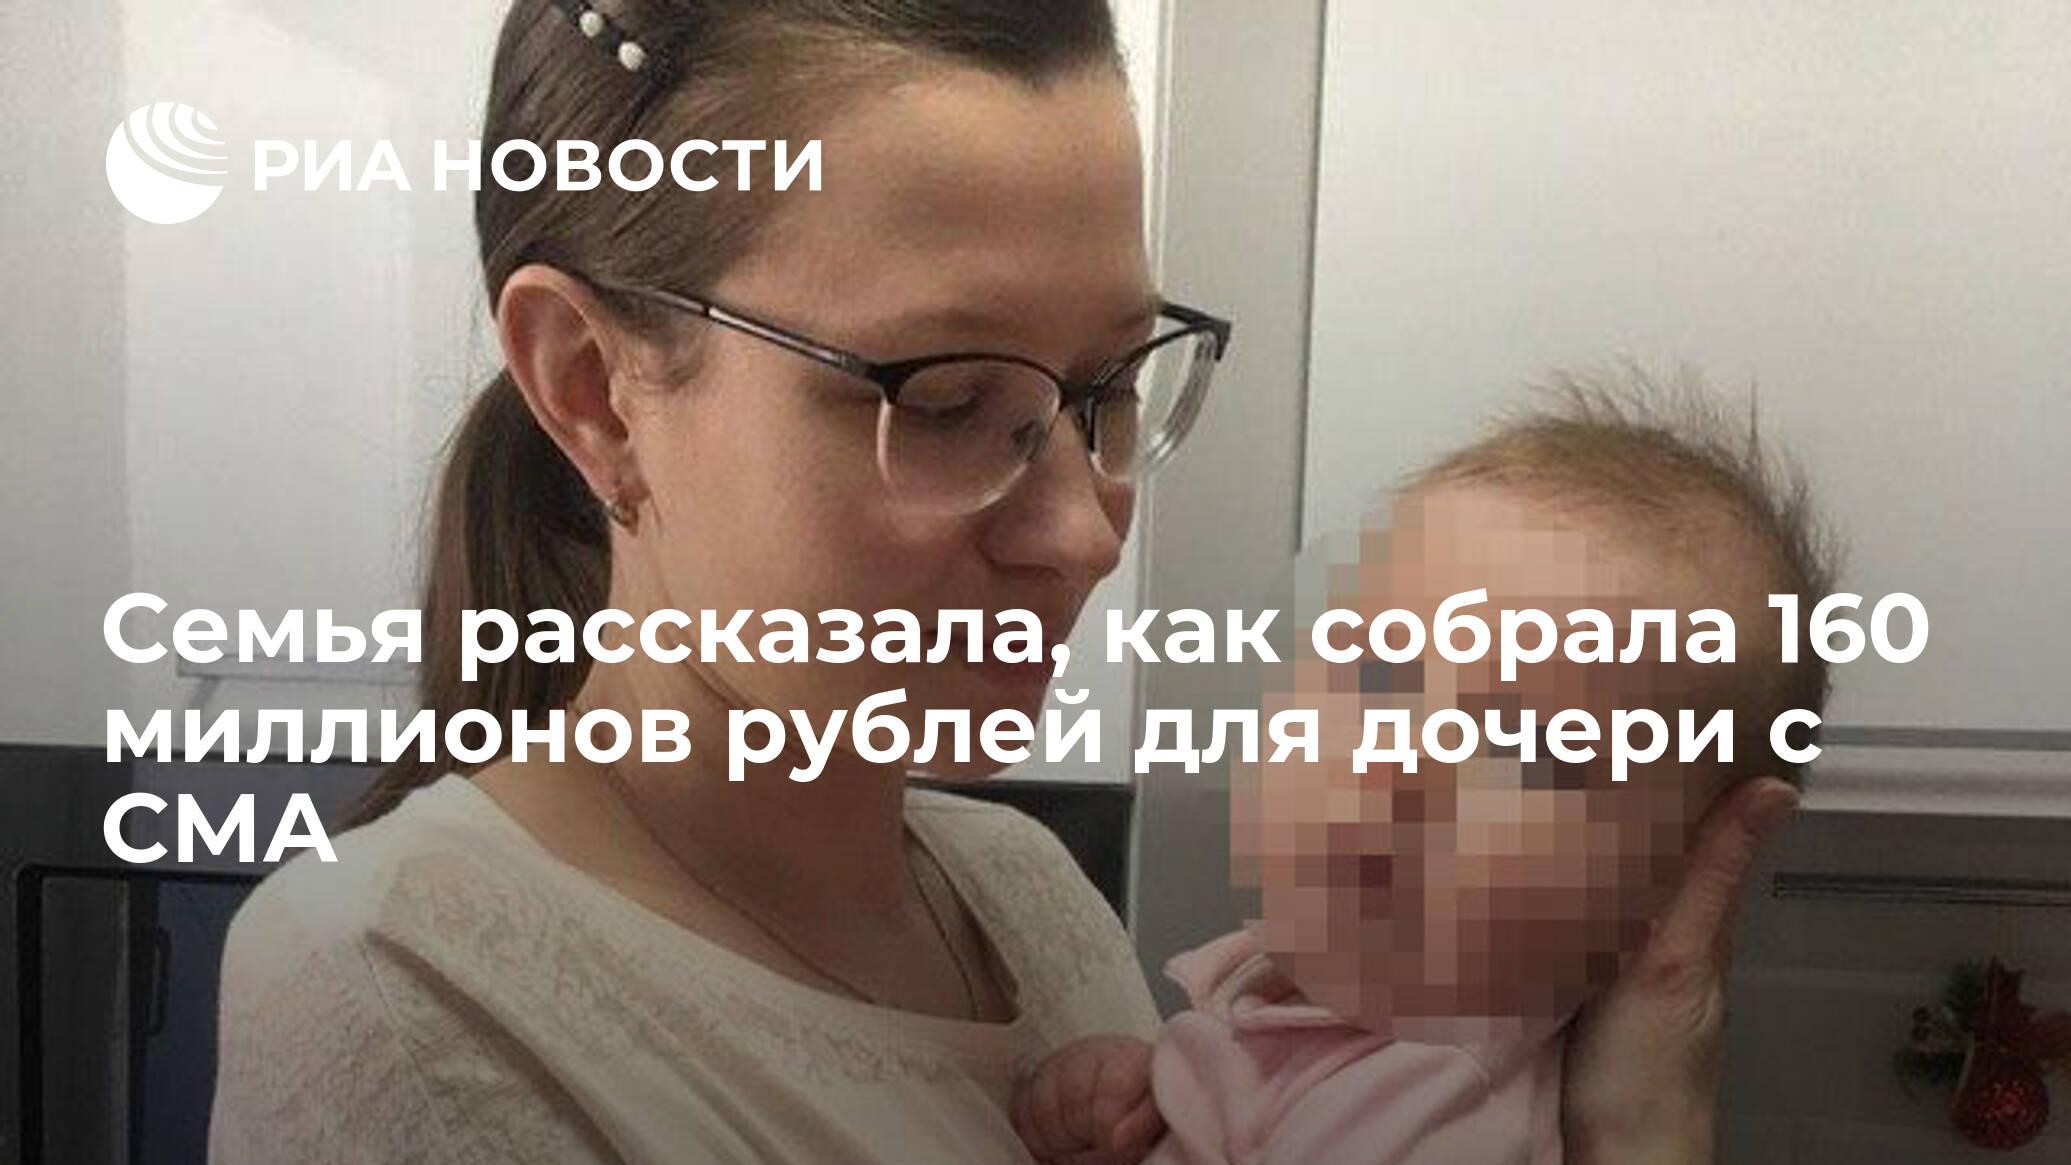 Семья рассказала, как собрала 160 миллионов рублей для дочери со СМА